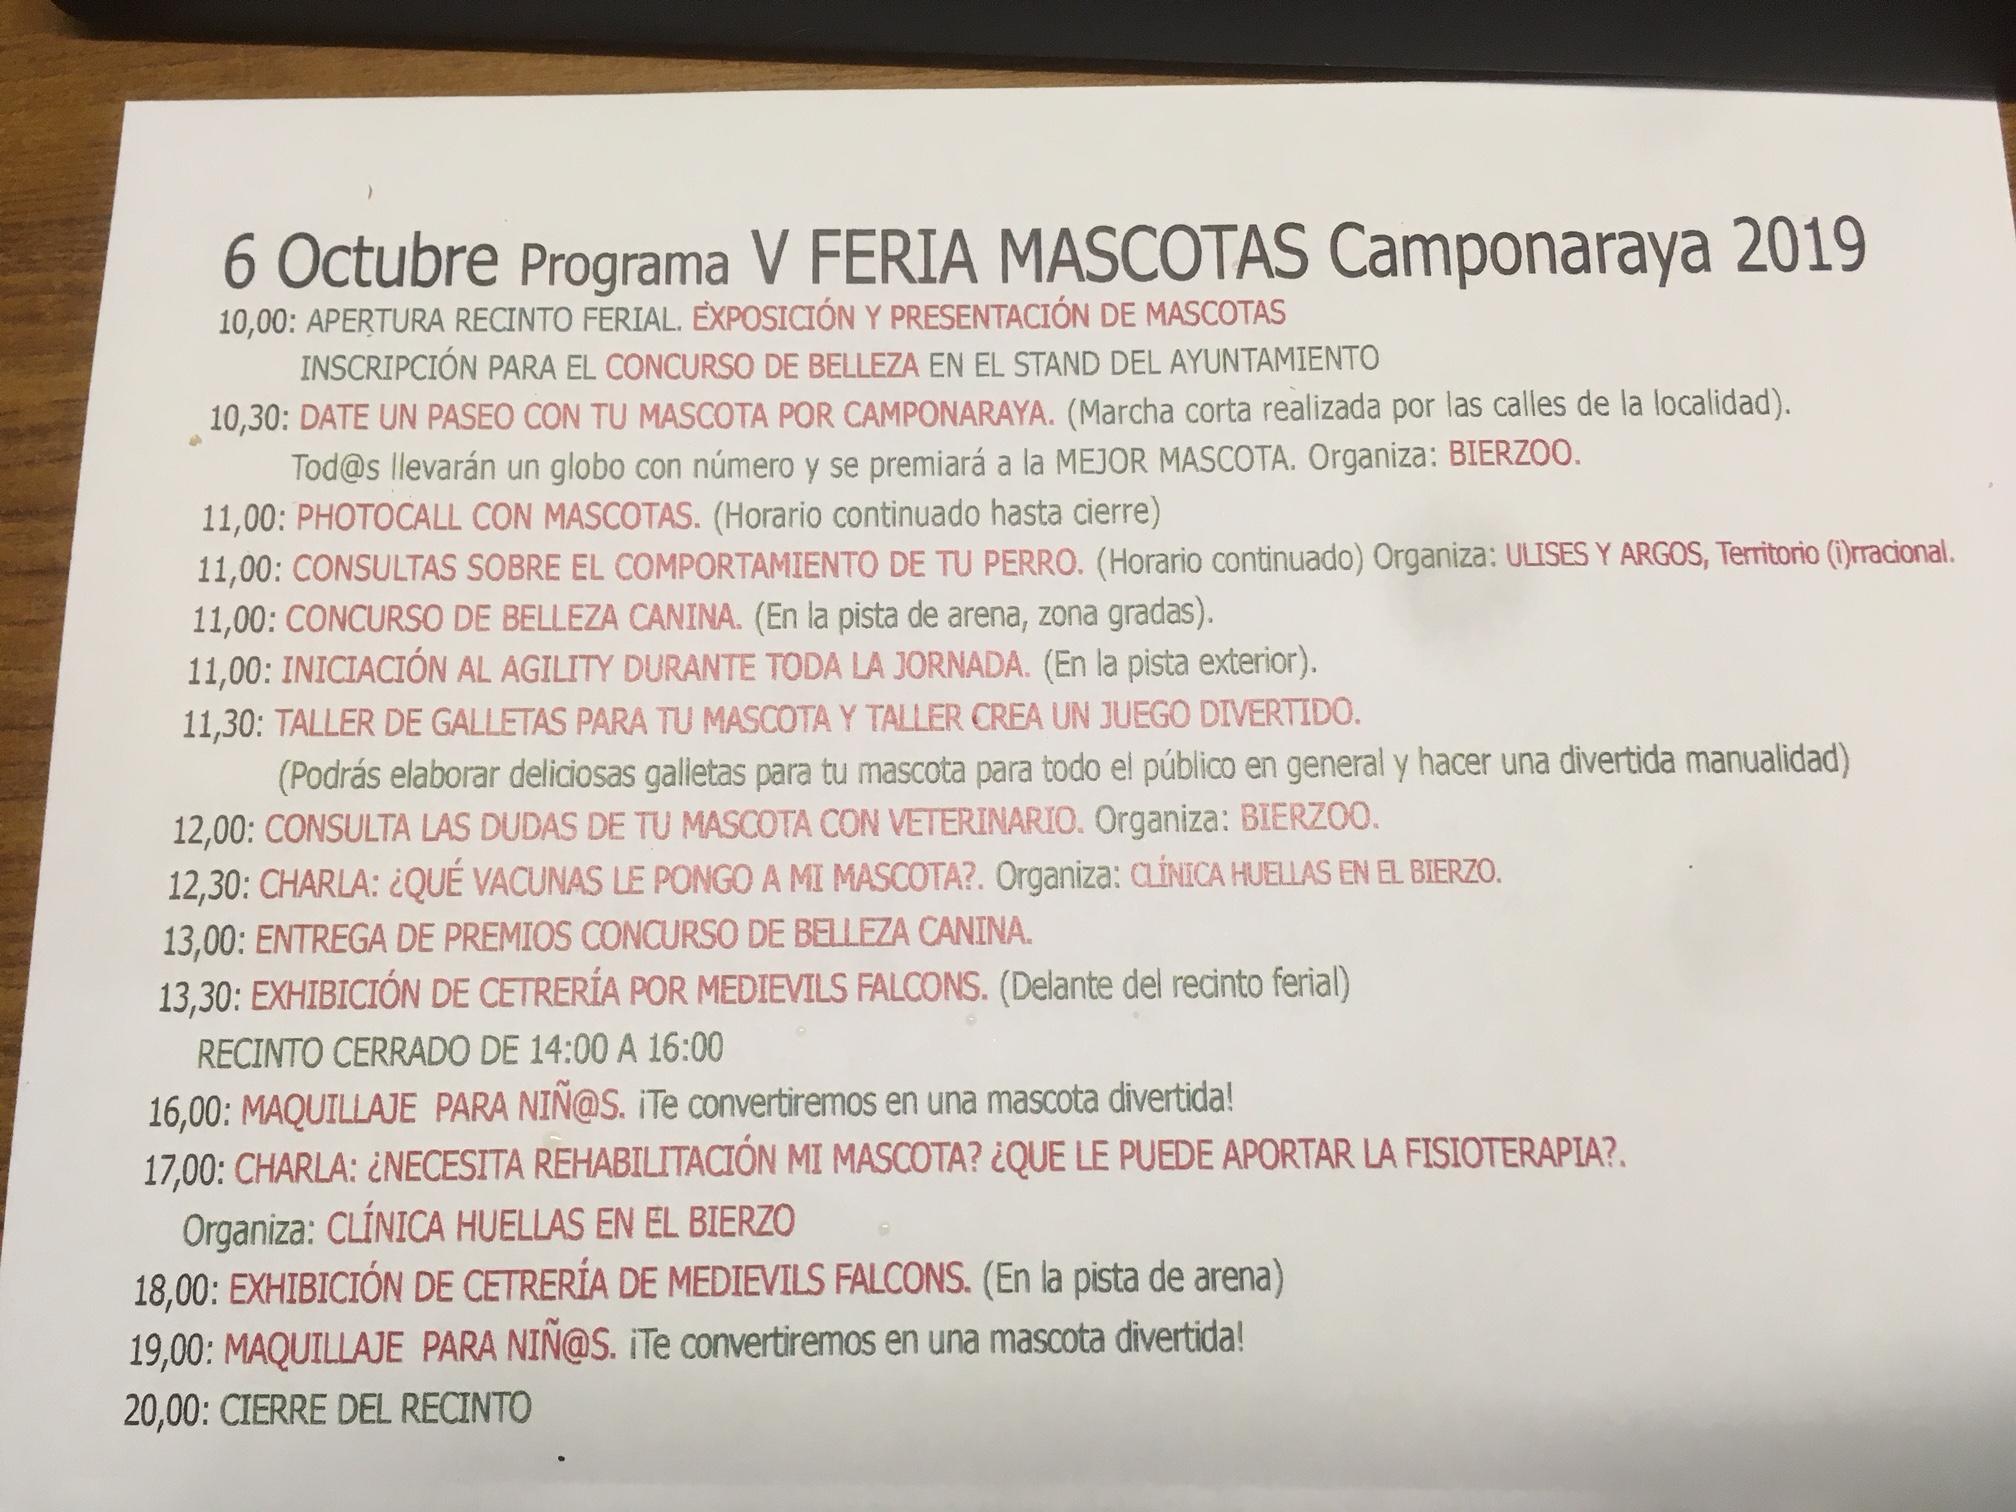 La Feria de las mascotas de Camponaraya  llega a su quinta edición 2